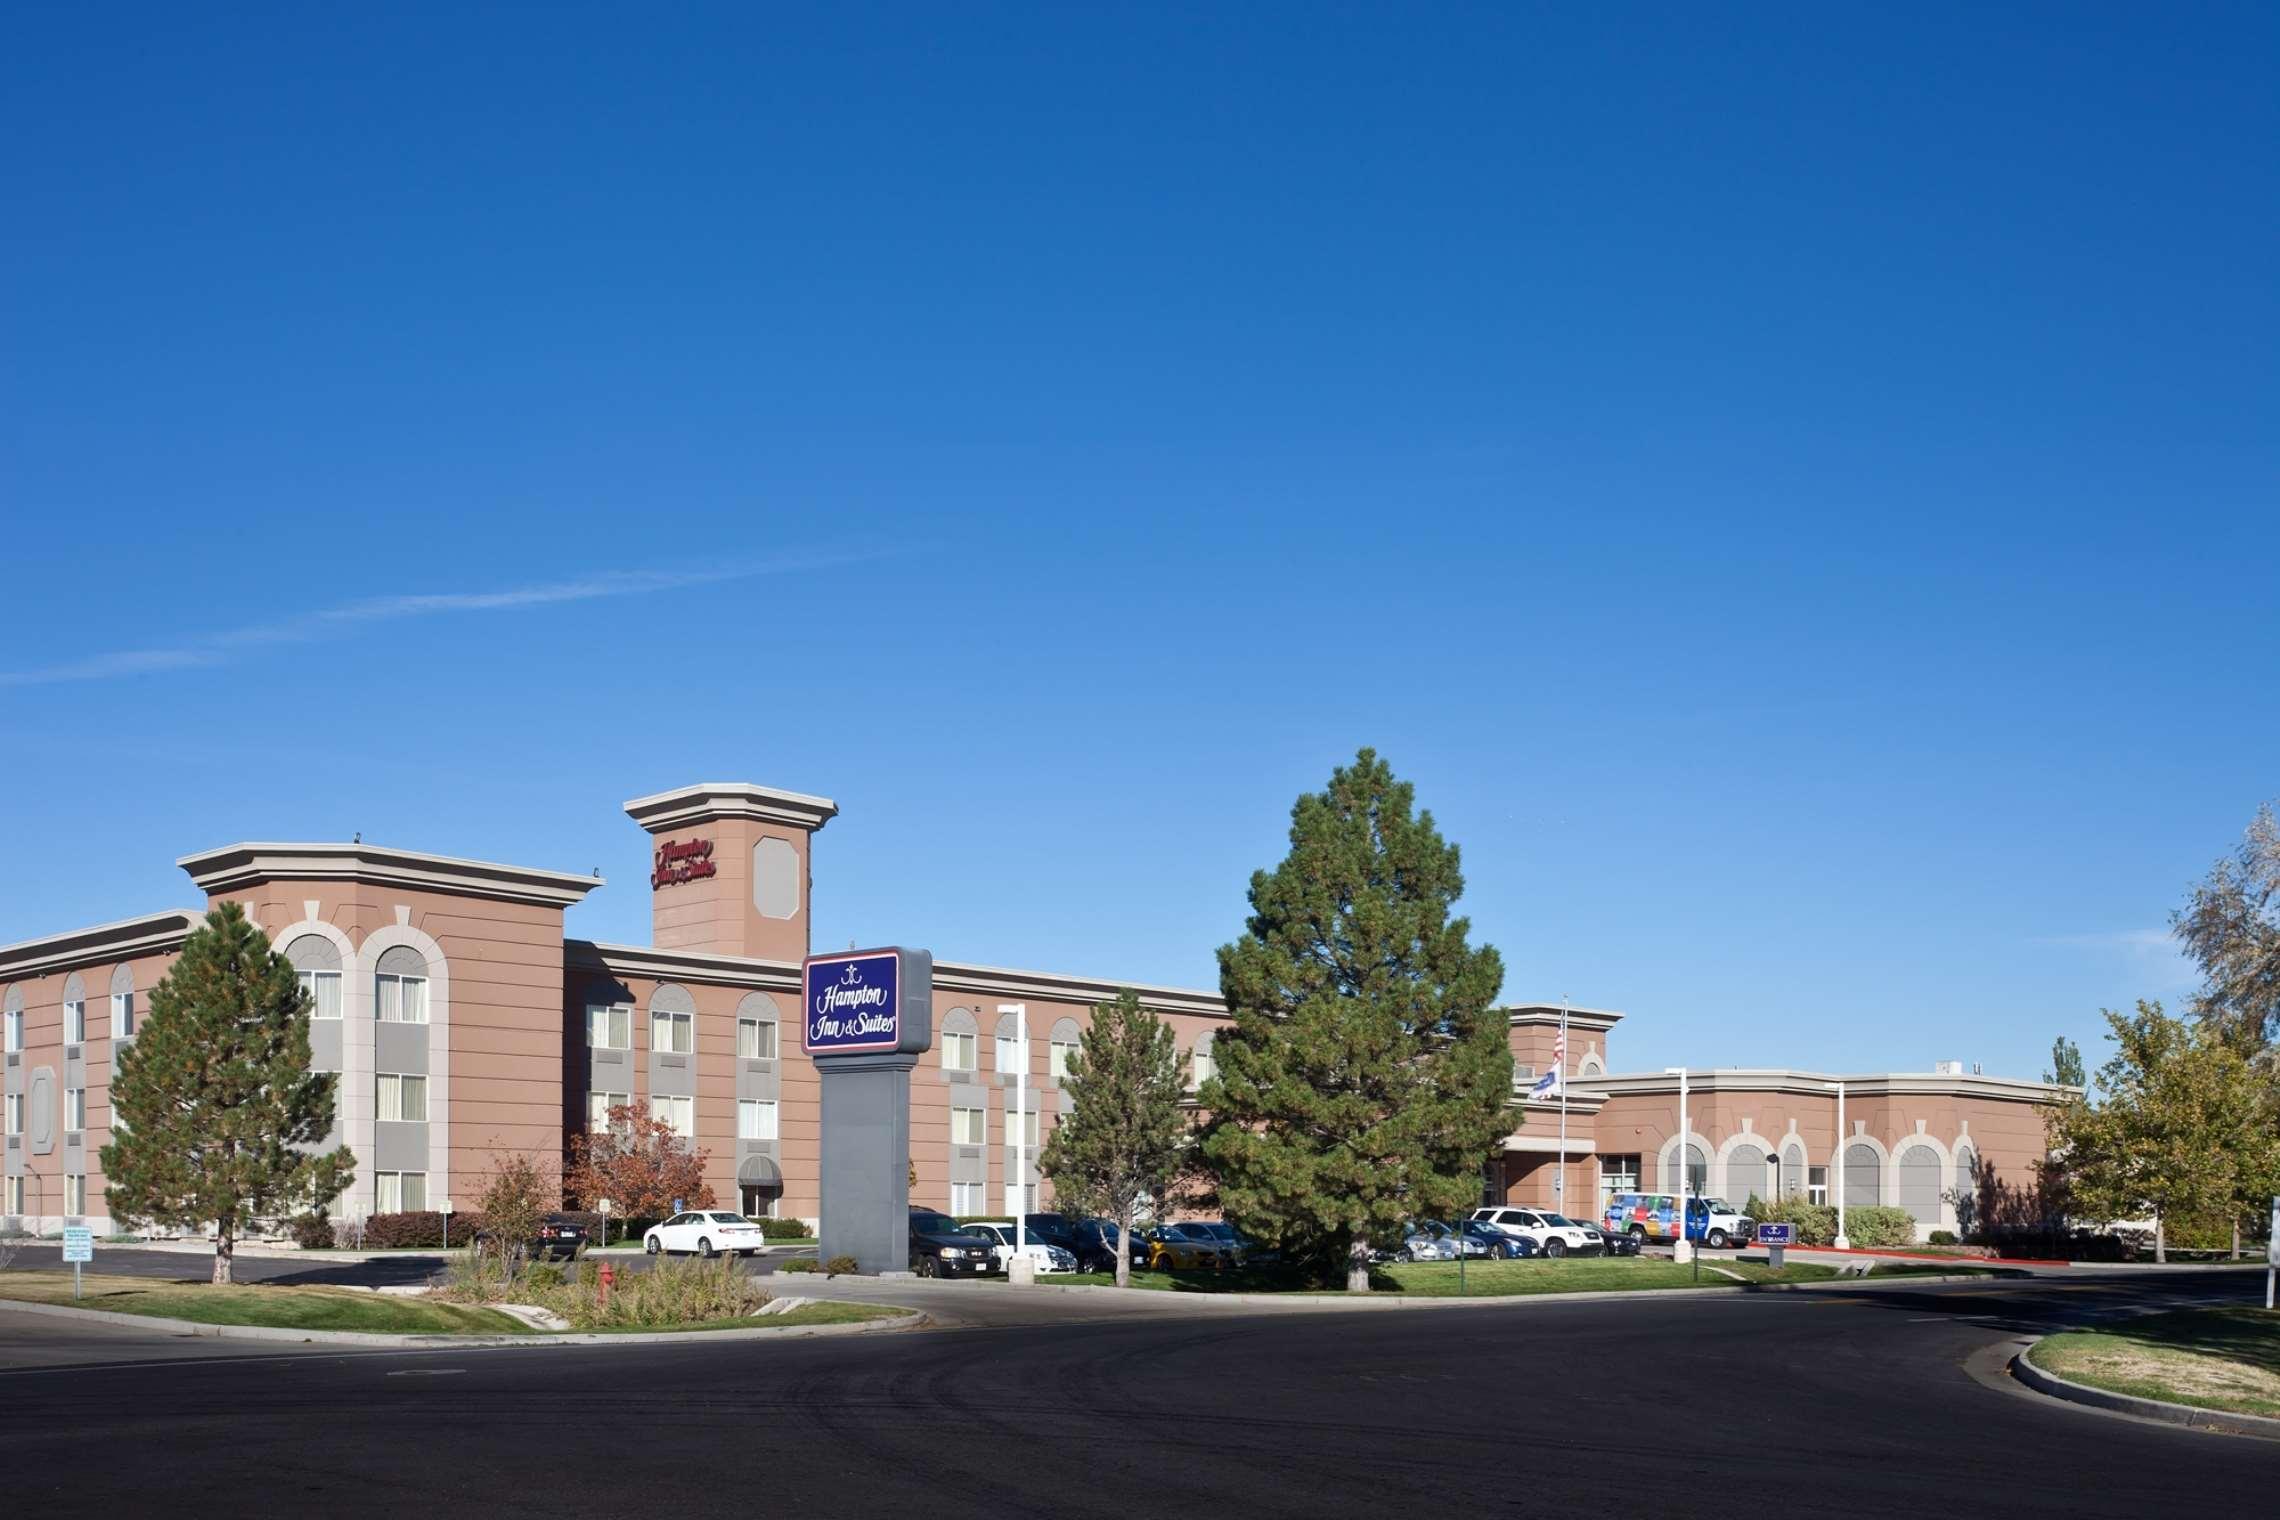 Hampton Inn & Suites Salt Lake City Airport image 1